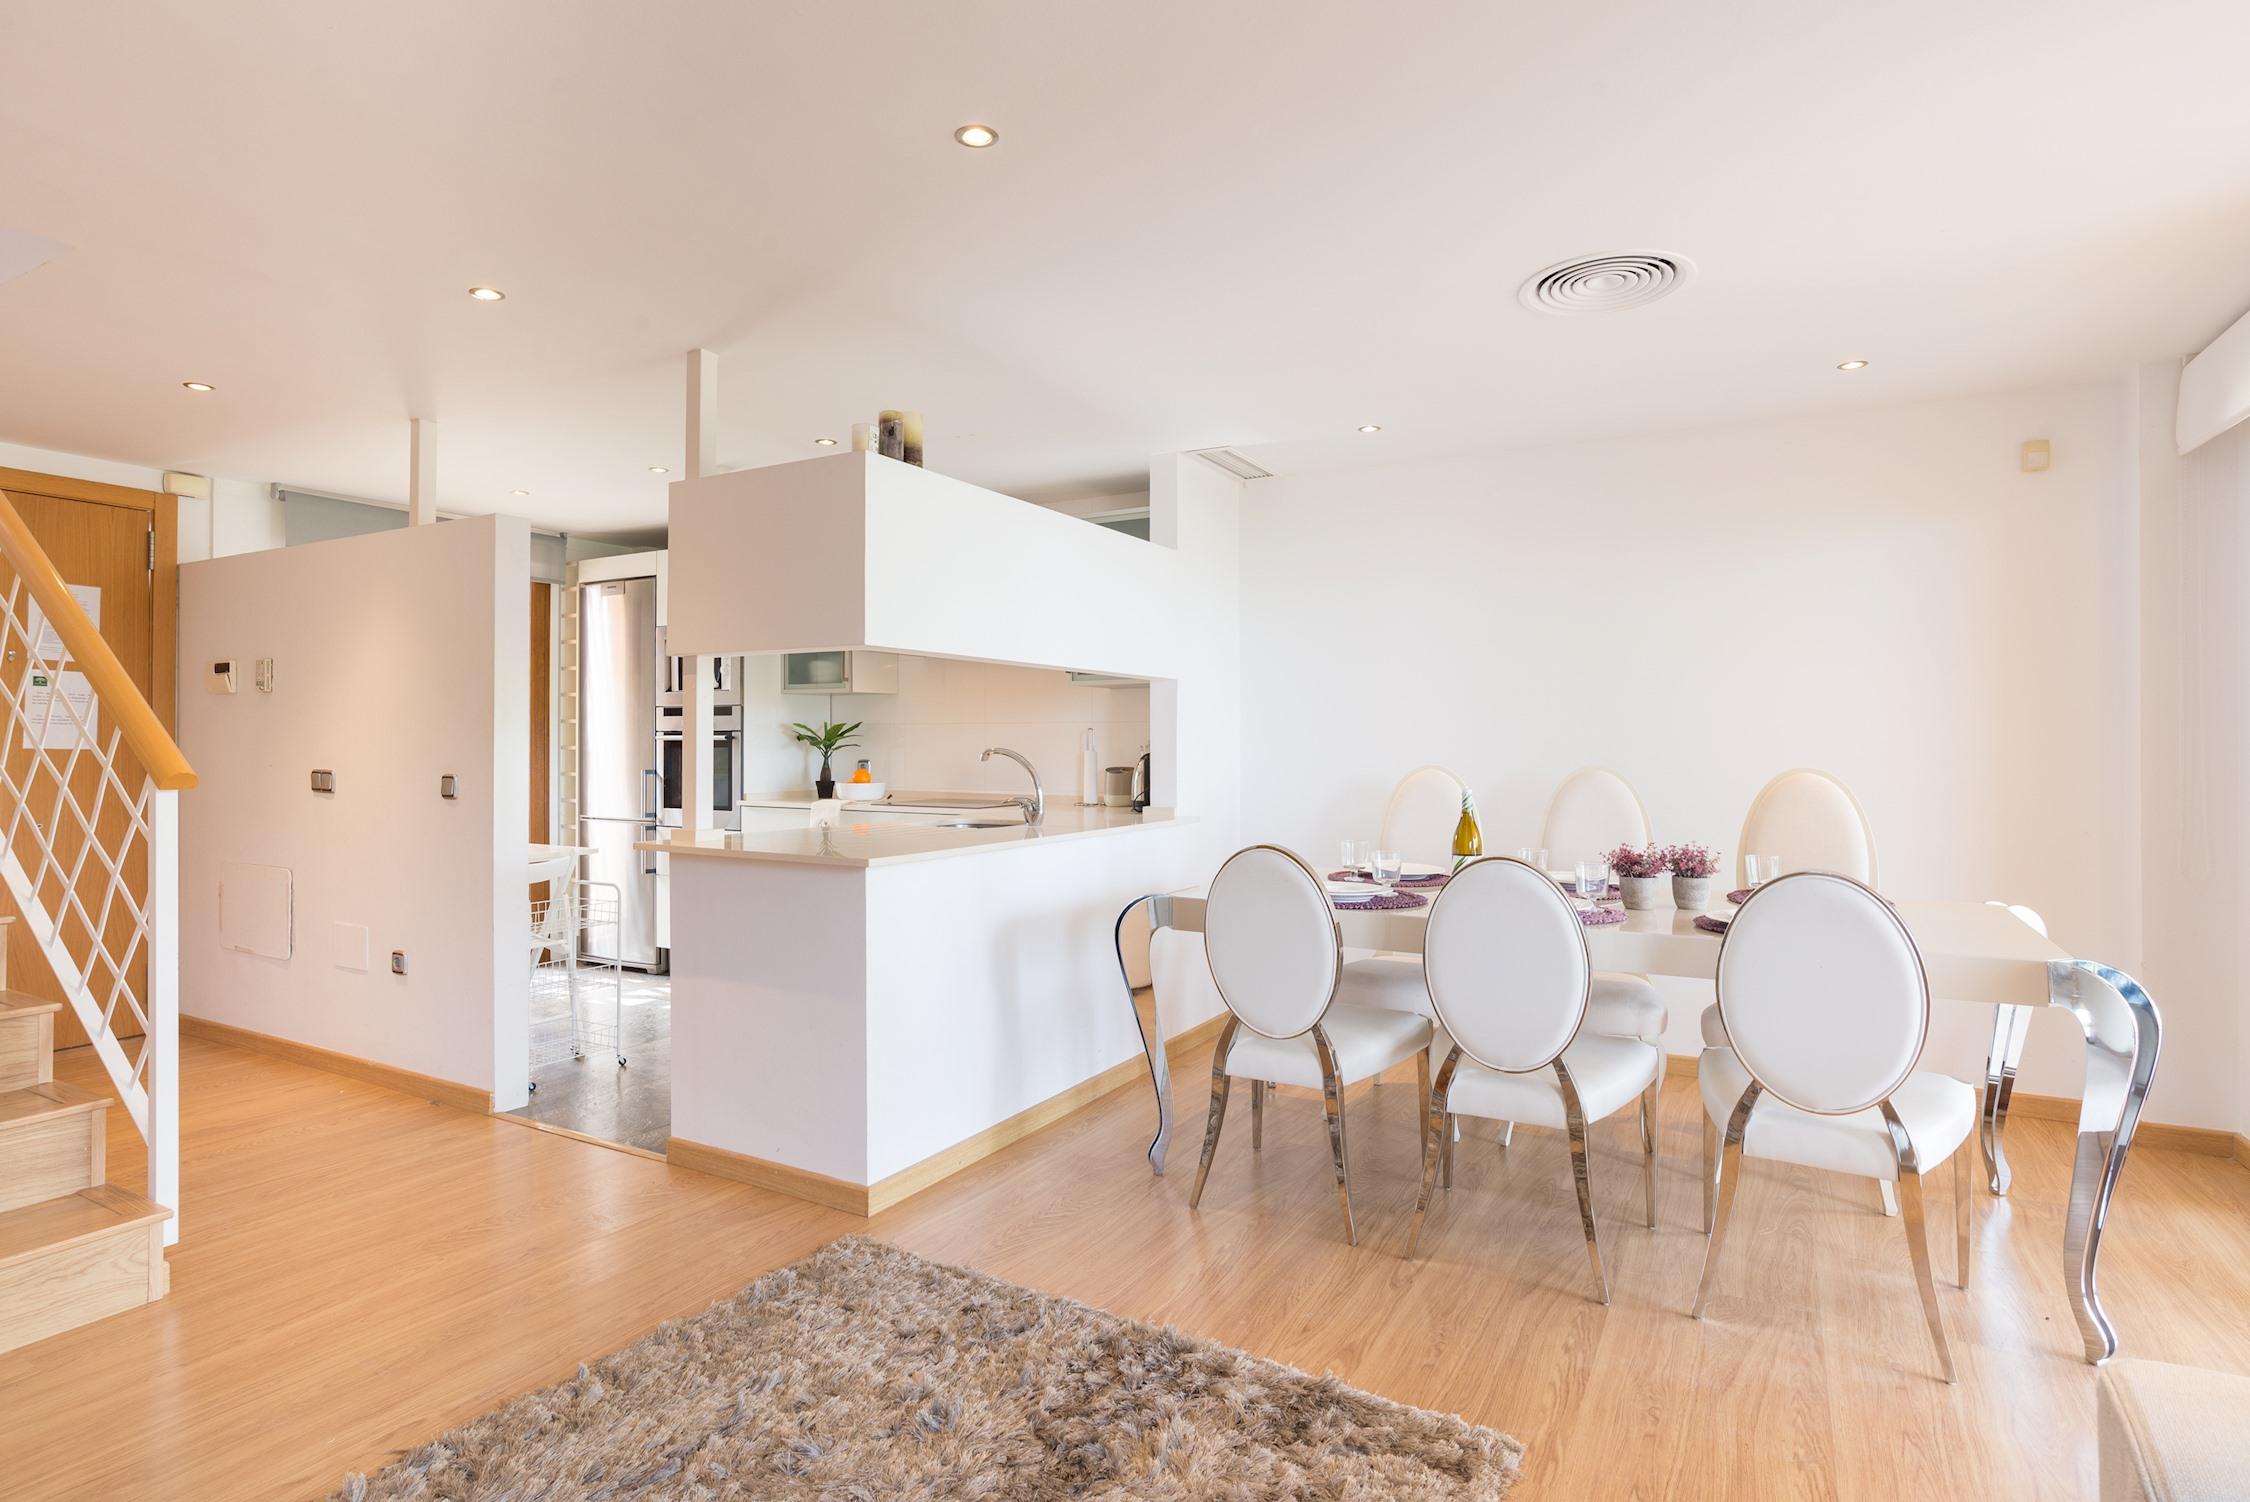 Apartment MalagaSuite Private Deluxe Villa photo 20236447